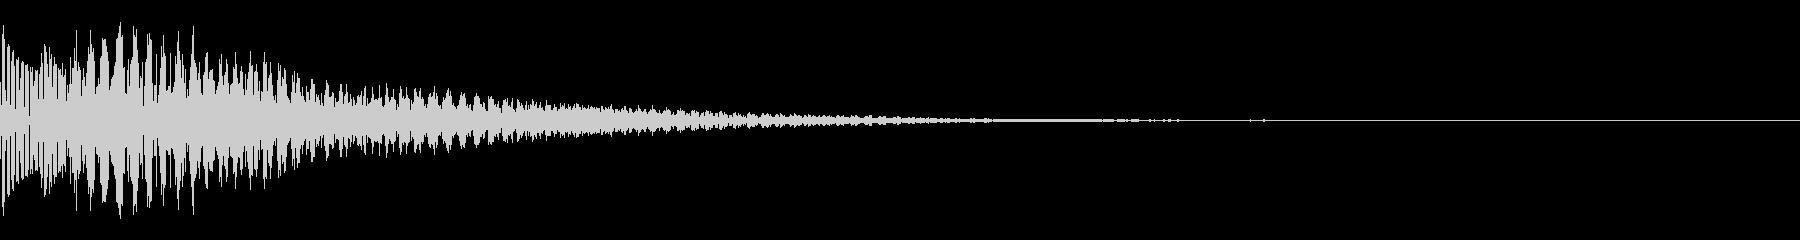 カーソルの決定音やお知らせ音の未再生の波形